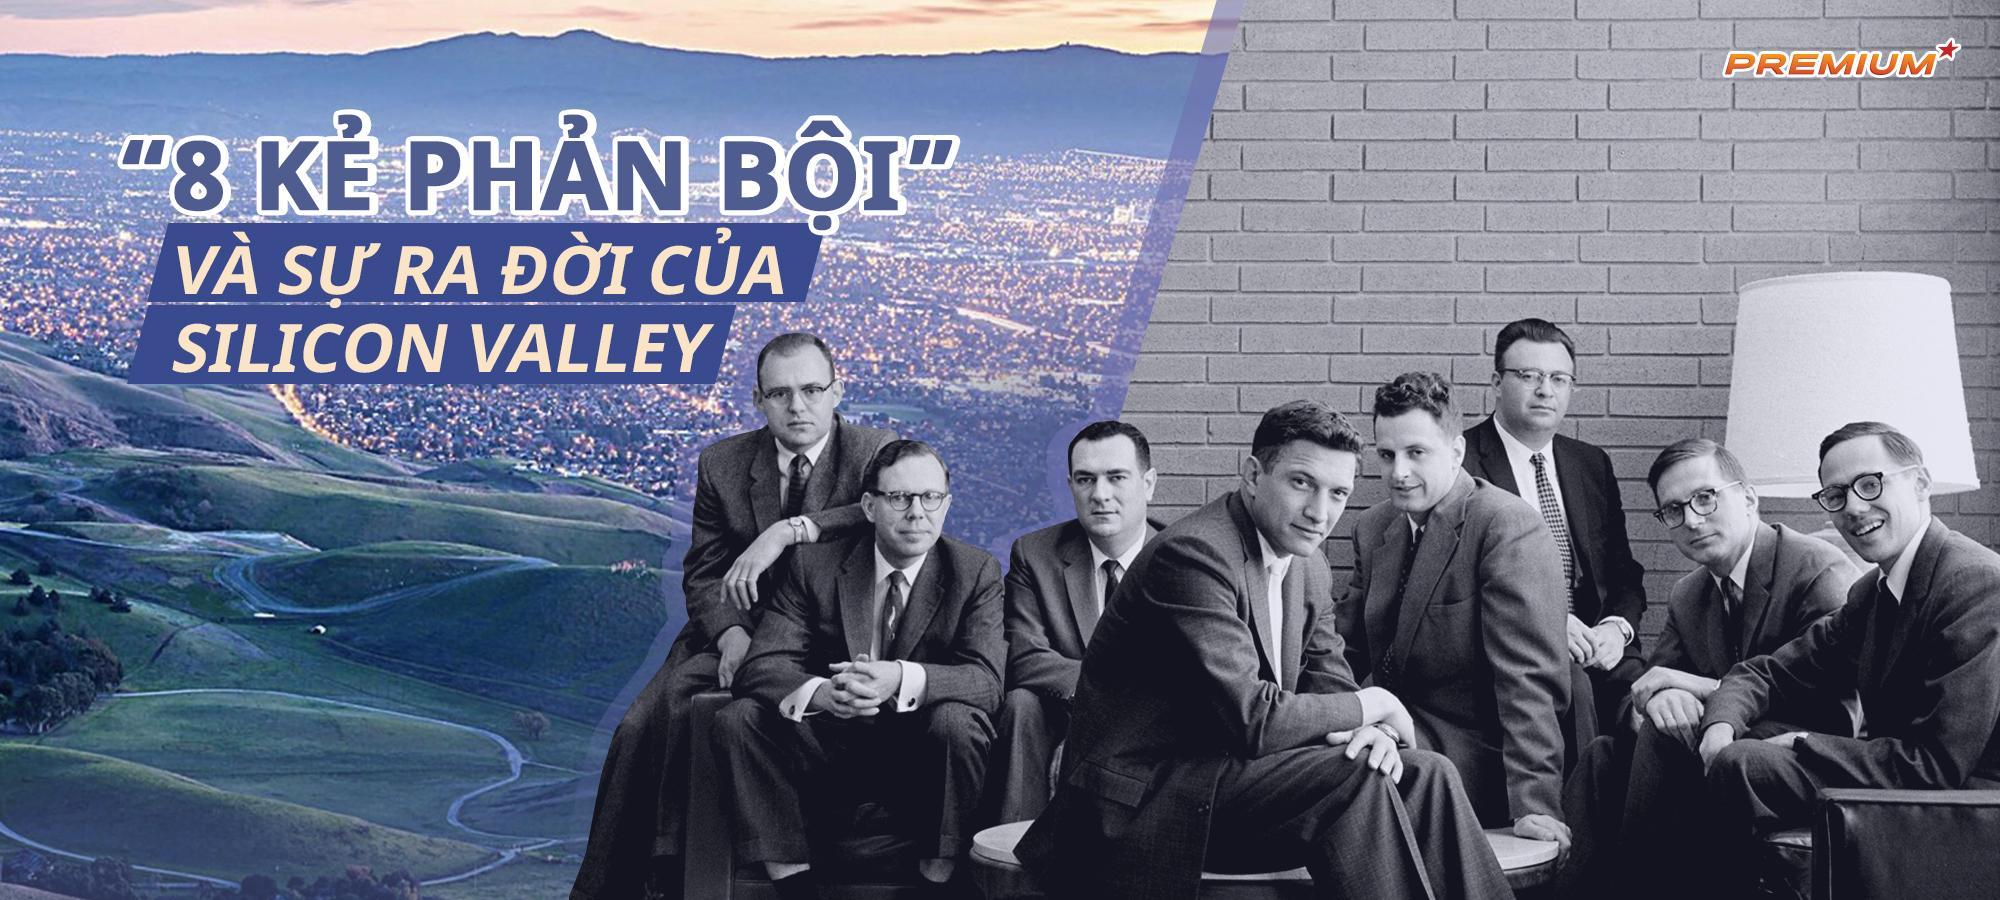 '8 kẻ phản bội' và sự ra đời của Silicon Valley